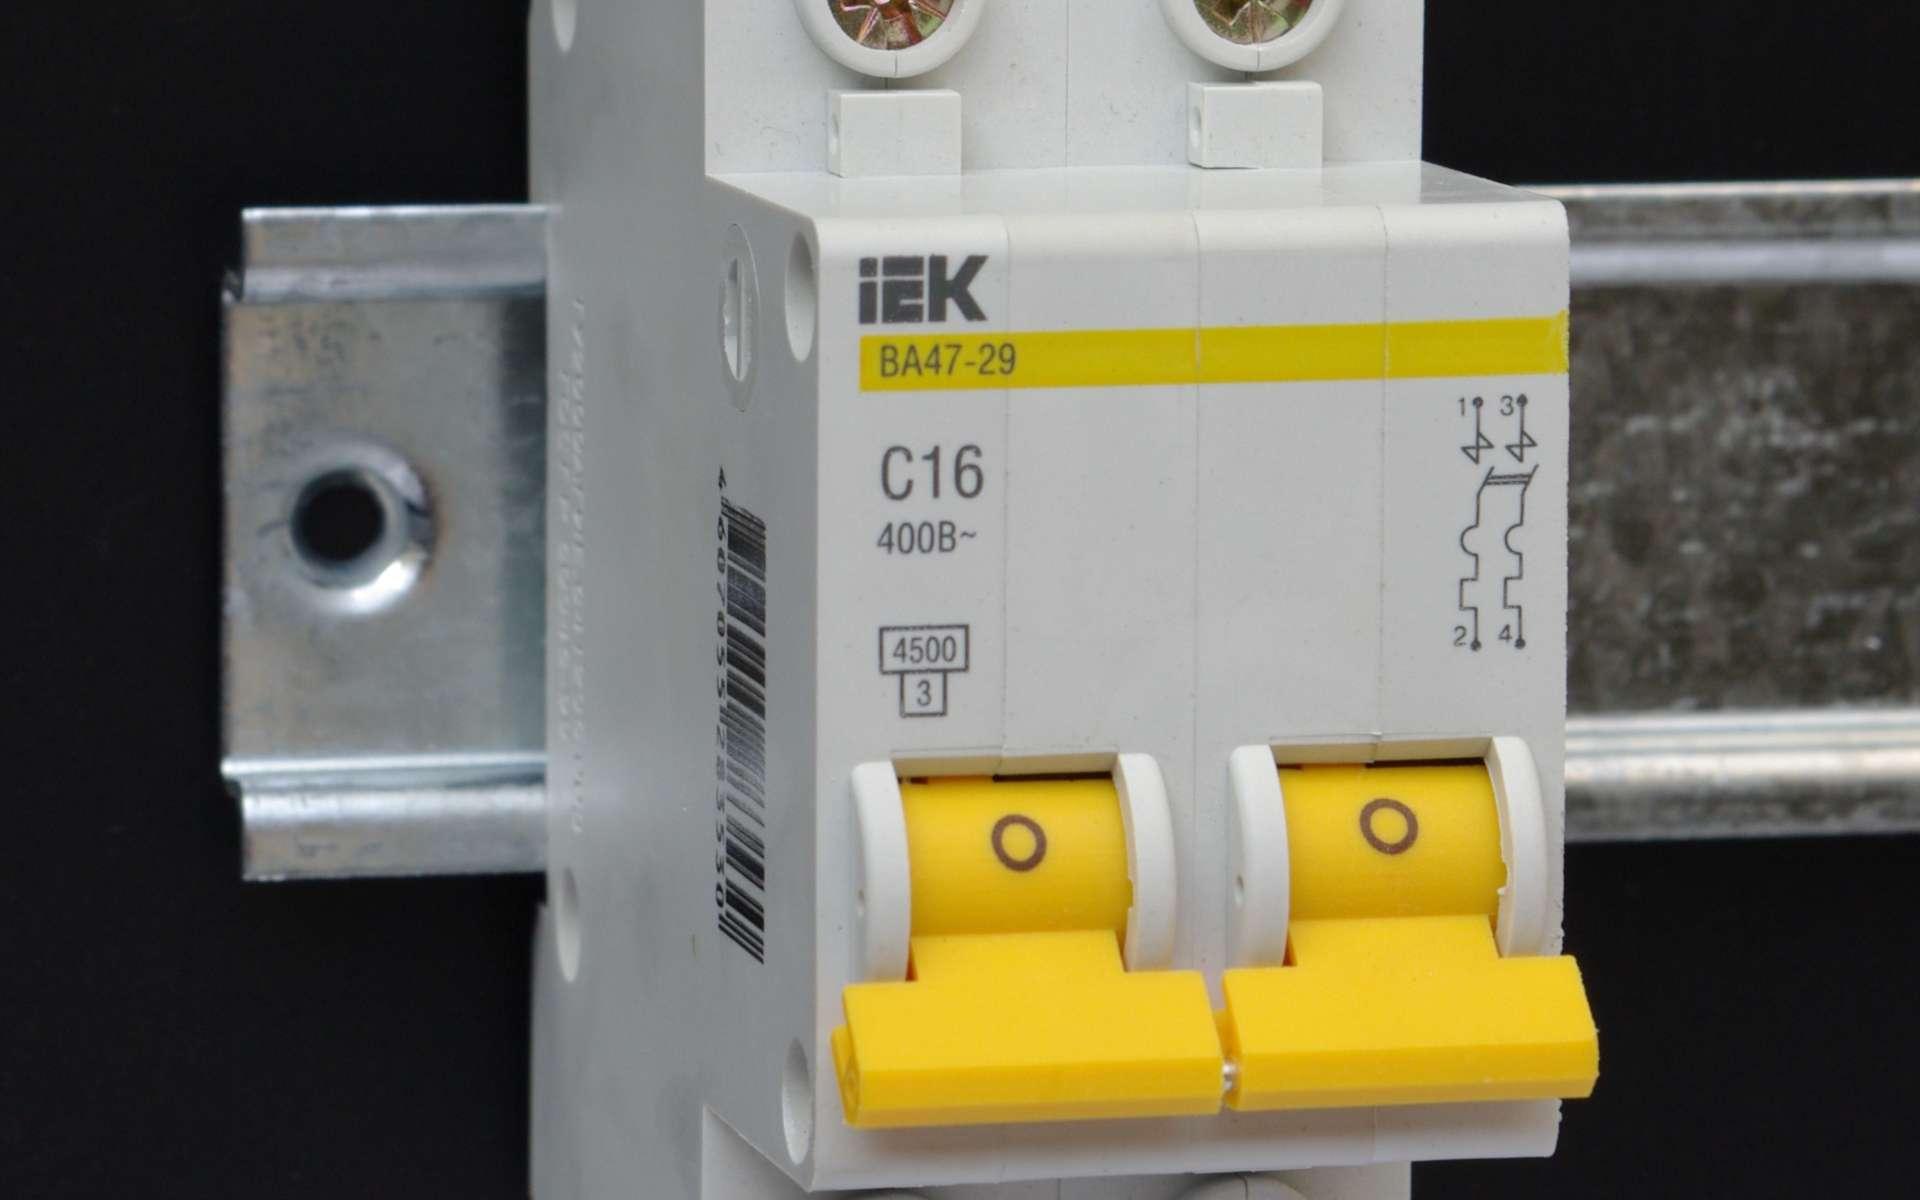 Le tableau électrique demande parfois de savoir installer des modules électriques © Kae, Wikimedia Commons, cc by sa 3.0